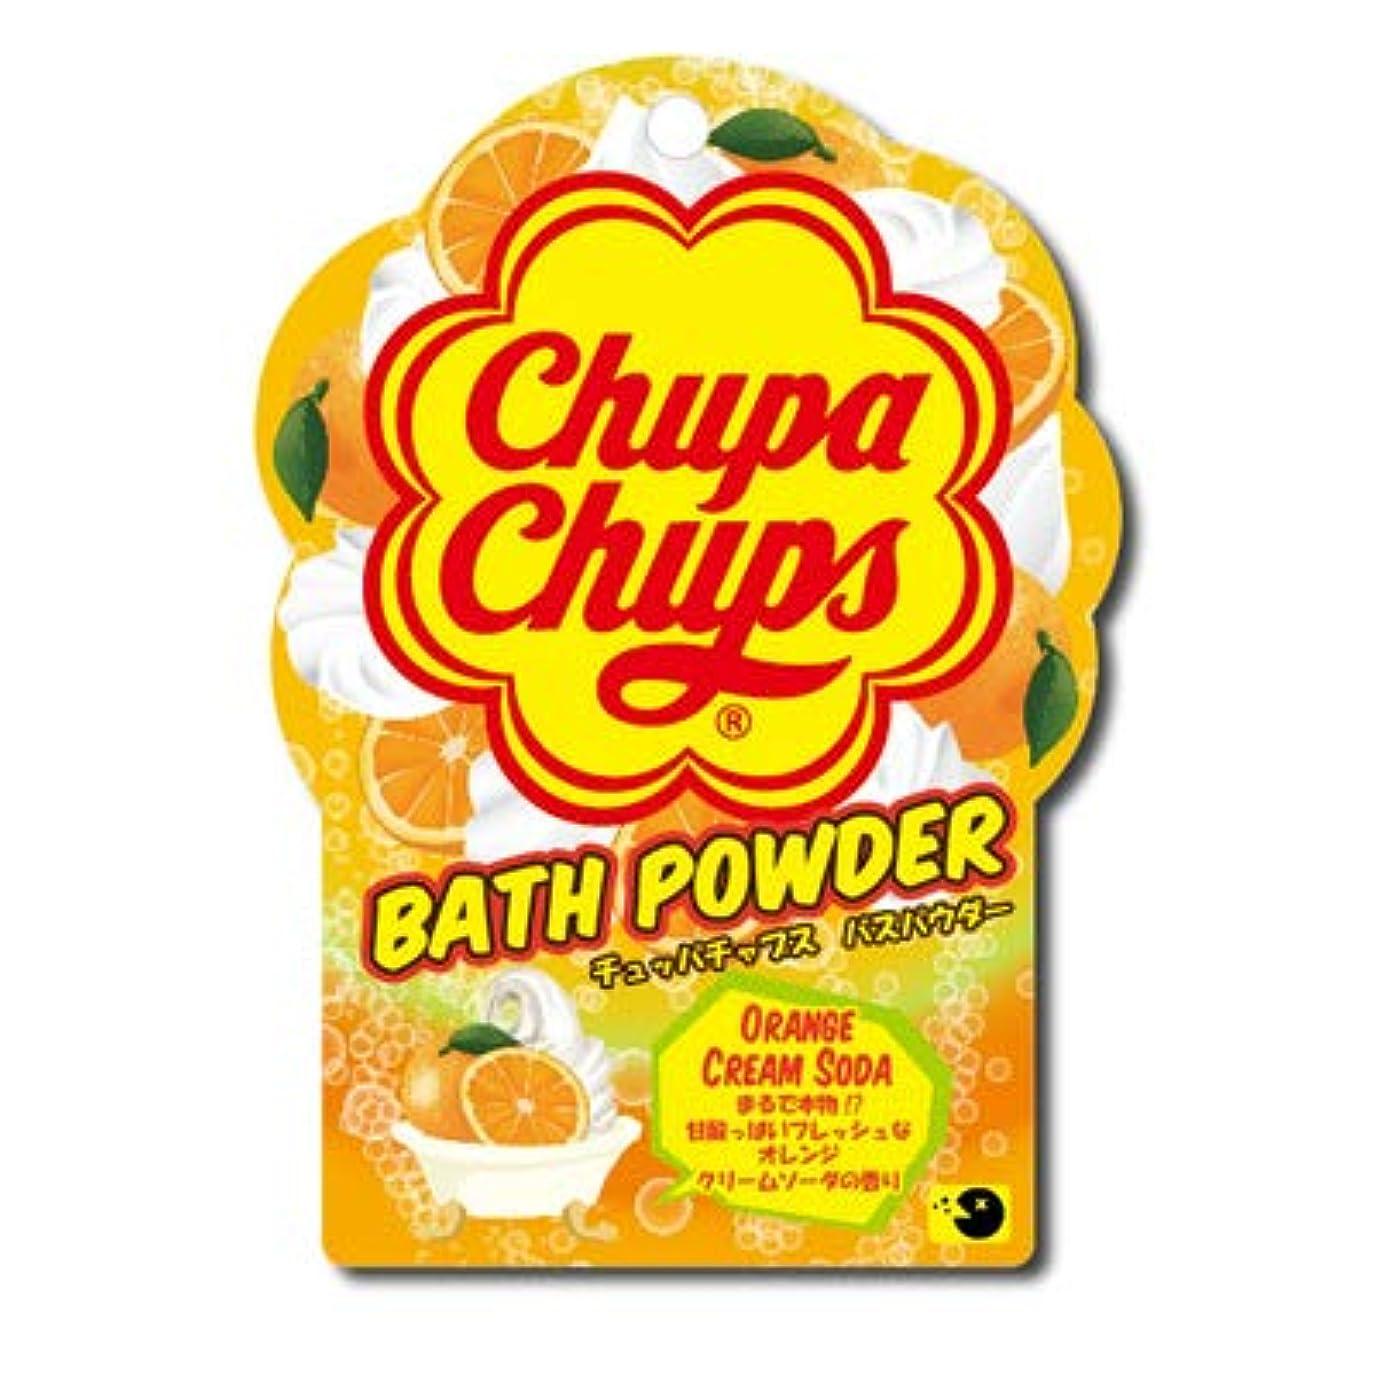 支出ハウジング揺れる【まとめ買い3個セット】 チュッパチャプスバスパウダー オレンジクリームソーダ